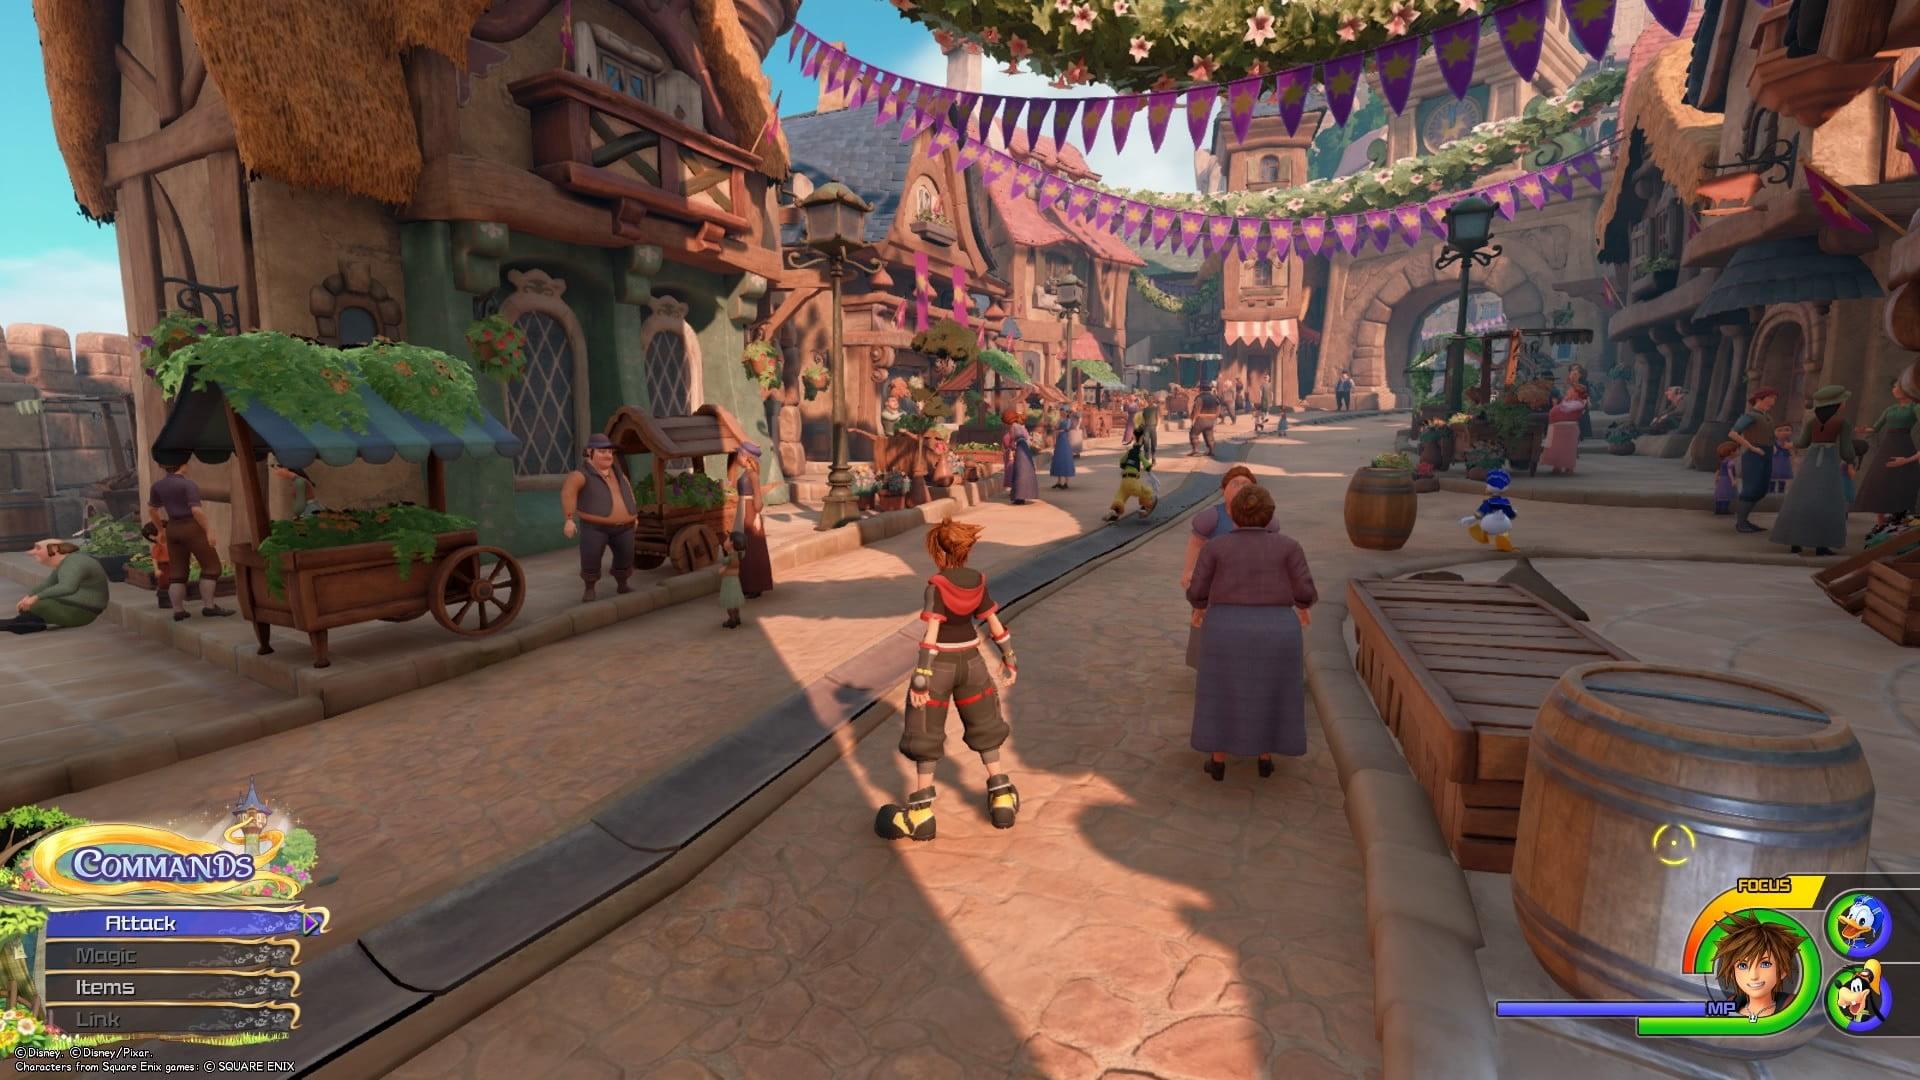 بررسی بازی Kingdom Hearts 3